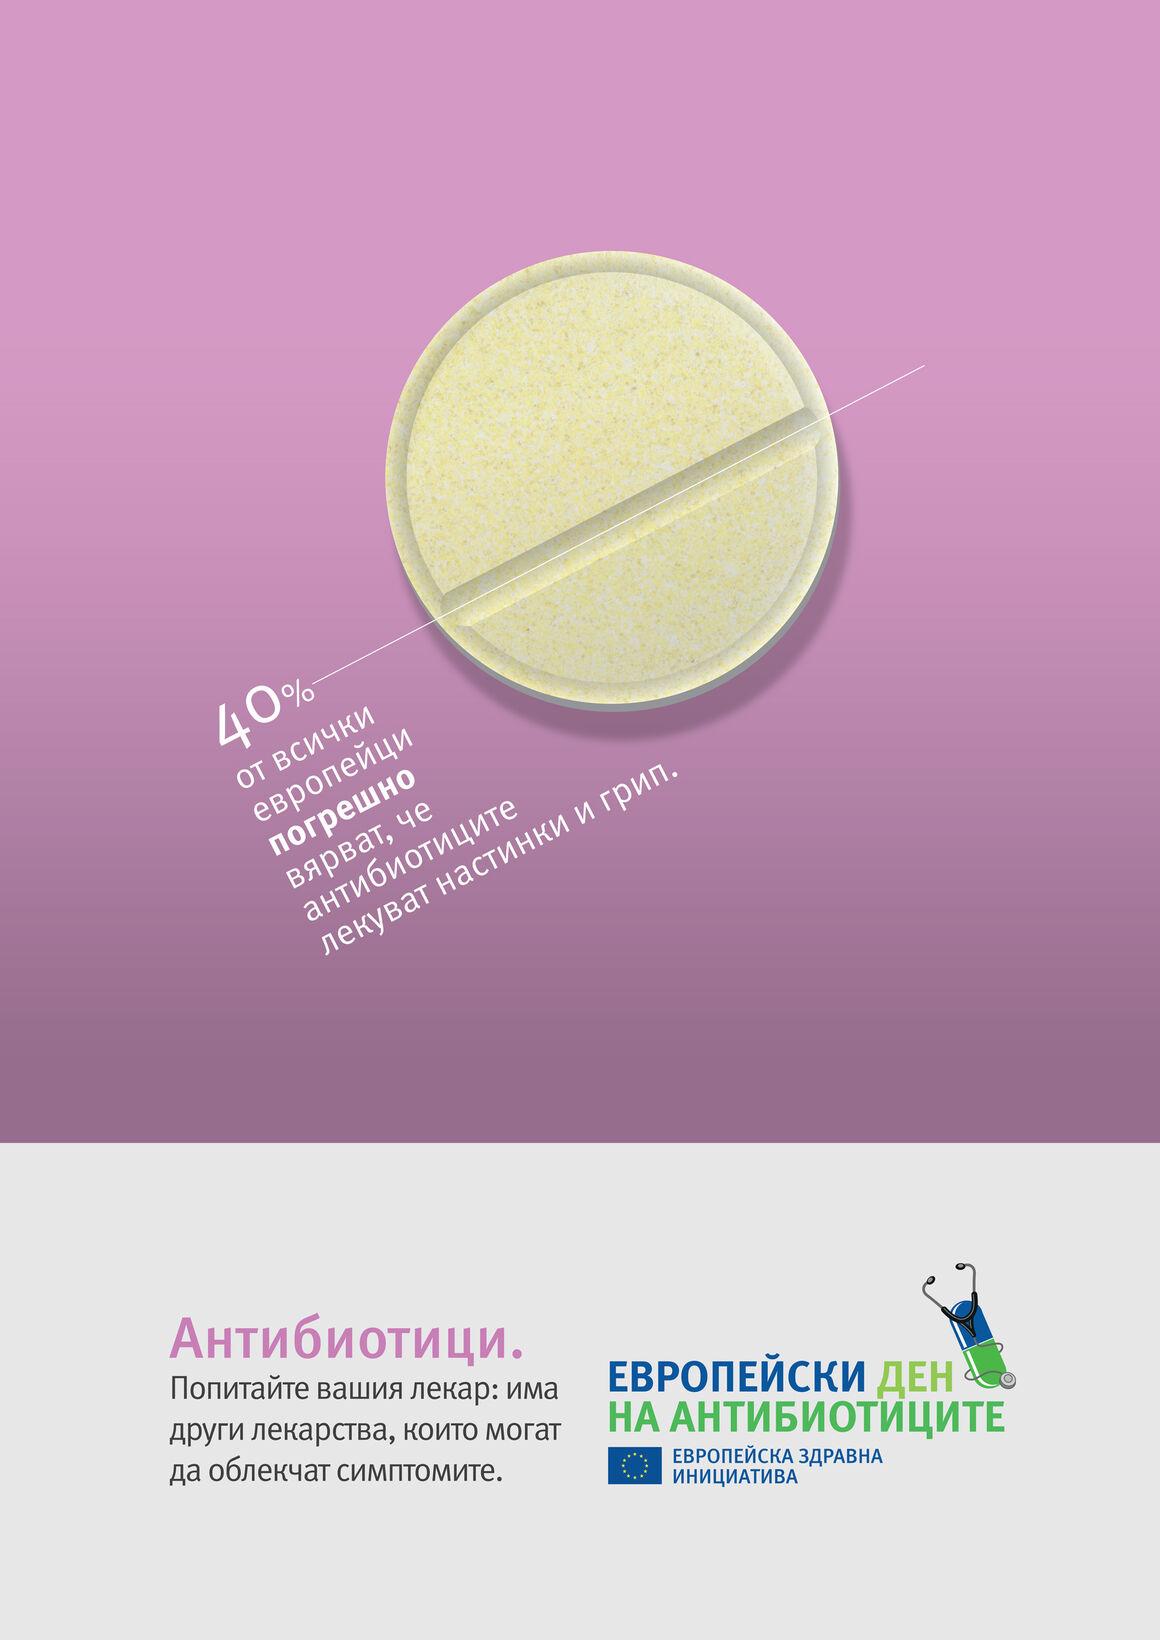 Плакати: Антибиотици. Попитайте вашия лекар: има други лекарства, които могат  да облекчат симптомите.